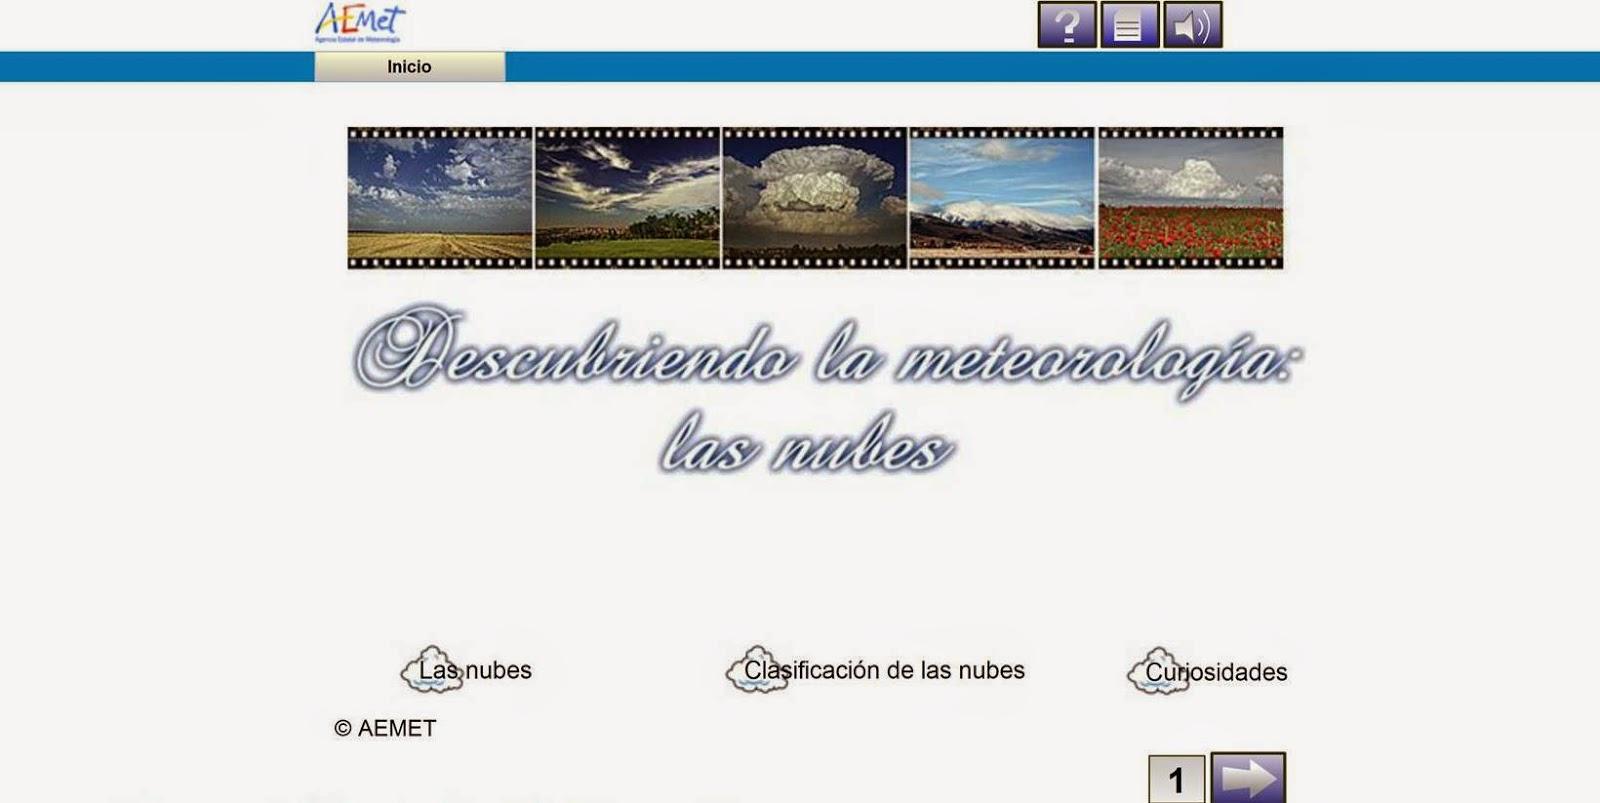 http://www.aemet.es/documentos_d/conocermas/recursos_educativos/juegos/n2/nubes/nubes.html